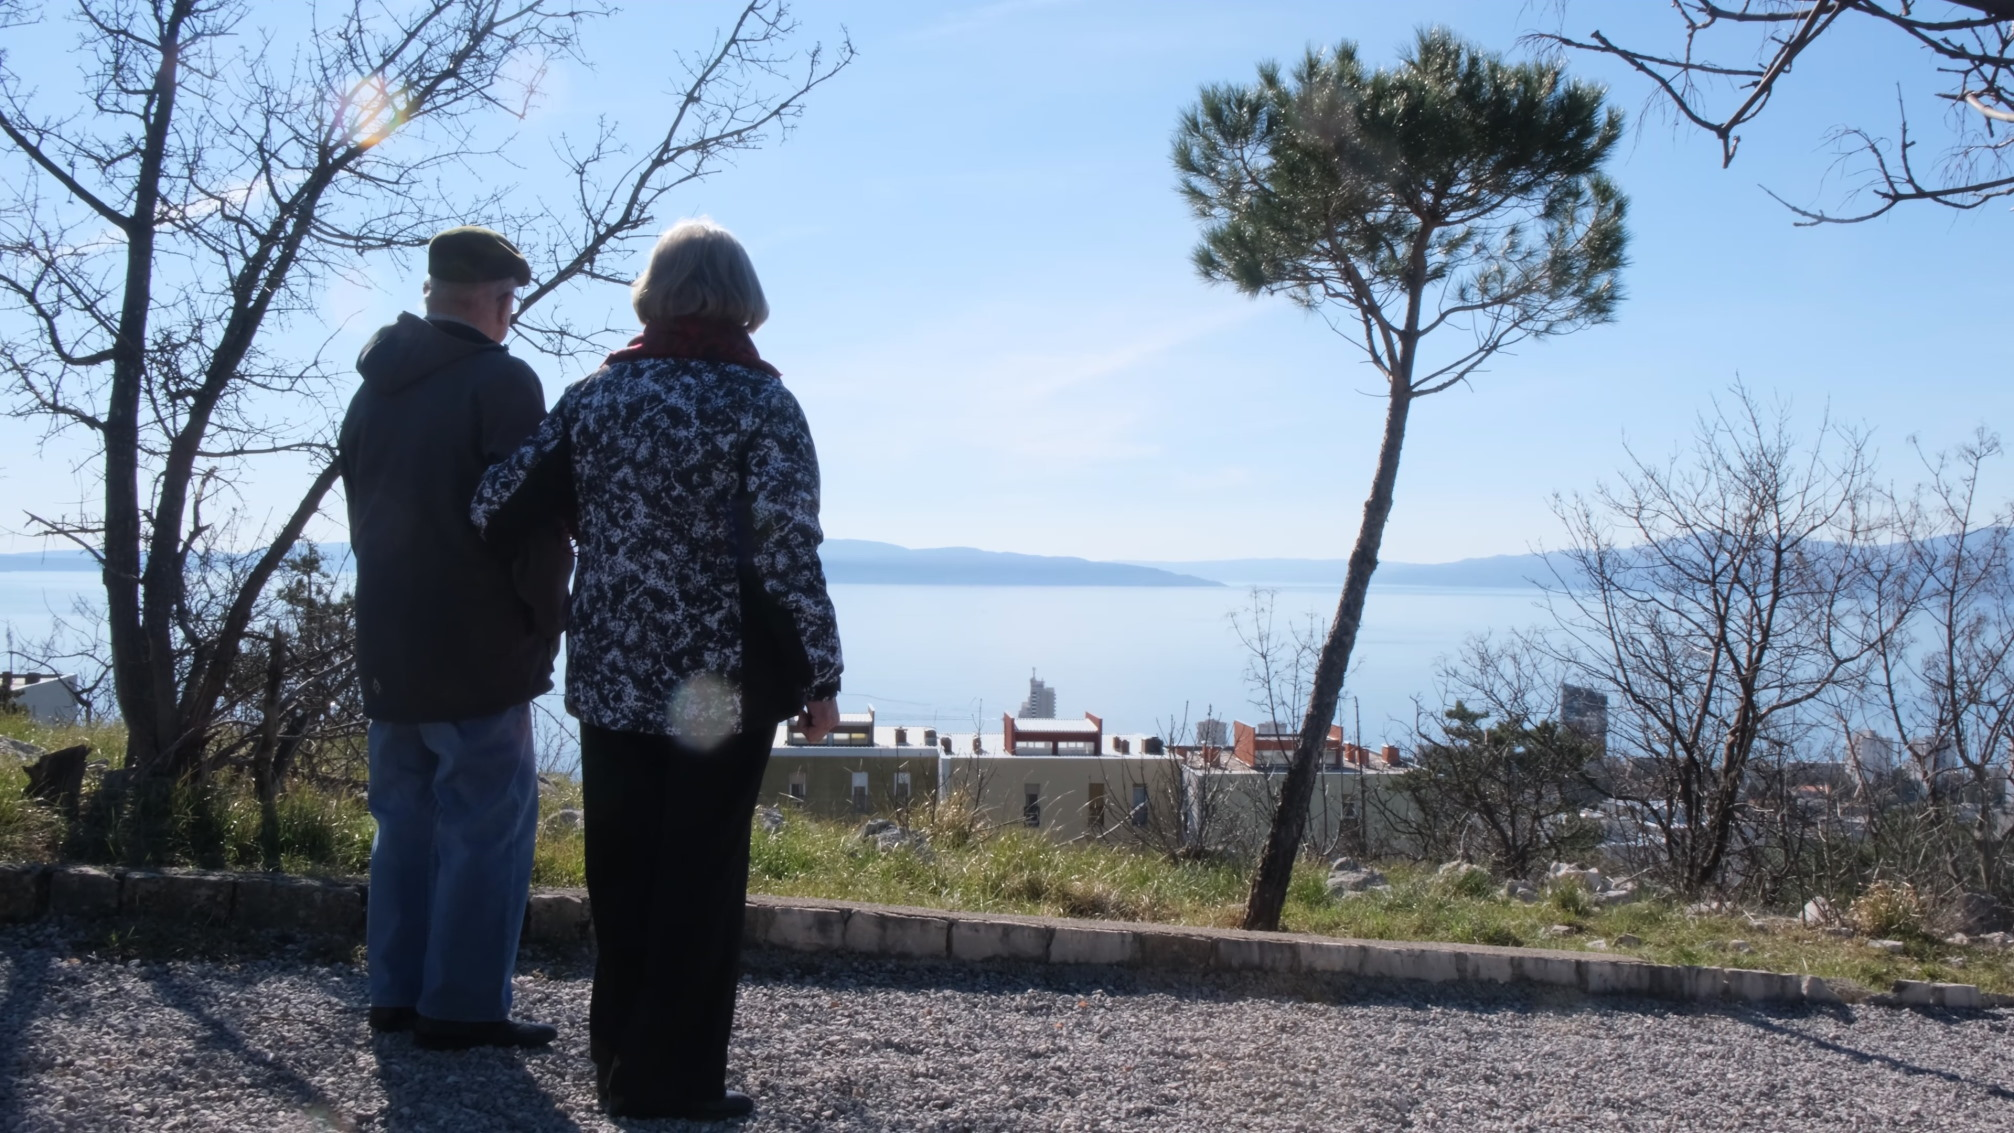 Extravagant couple: nakon 54 godine braka, ljubav Jelene i Ladislava Kancilje cvjeta kao prvoga dana